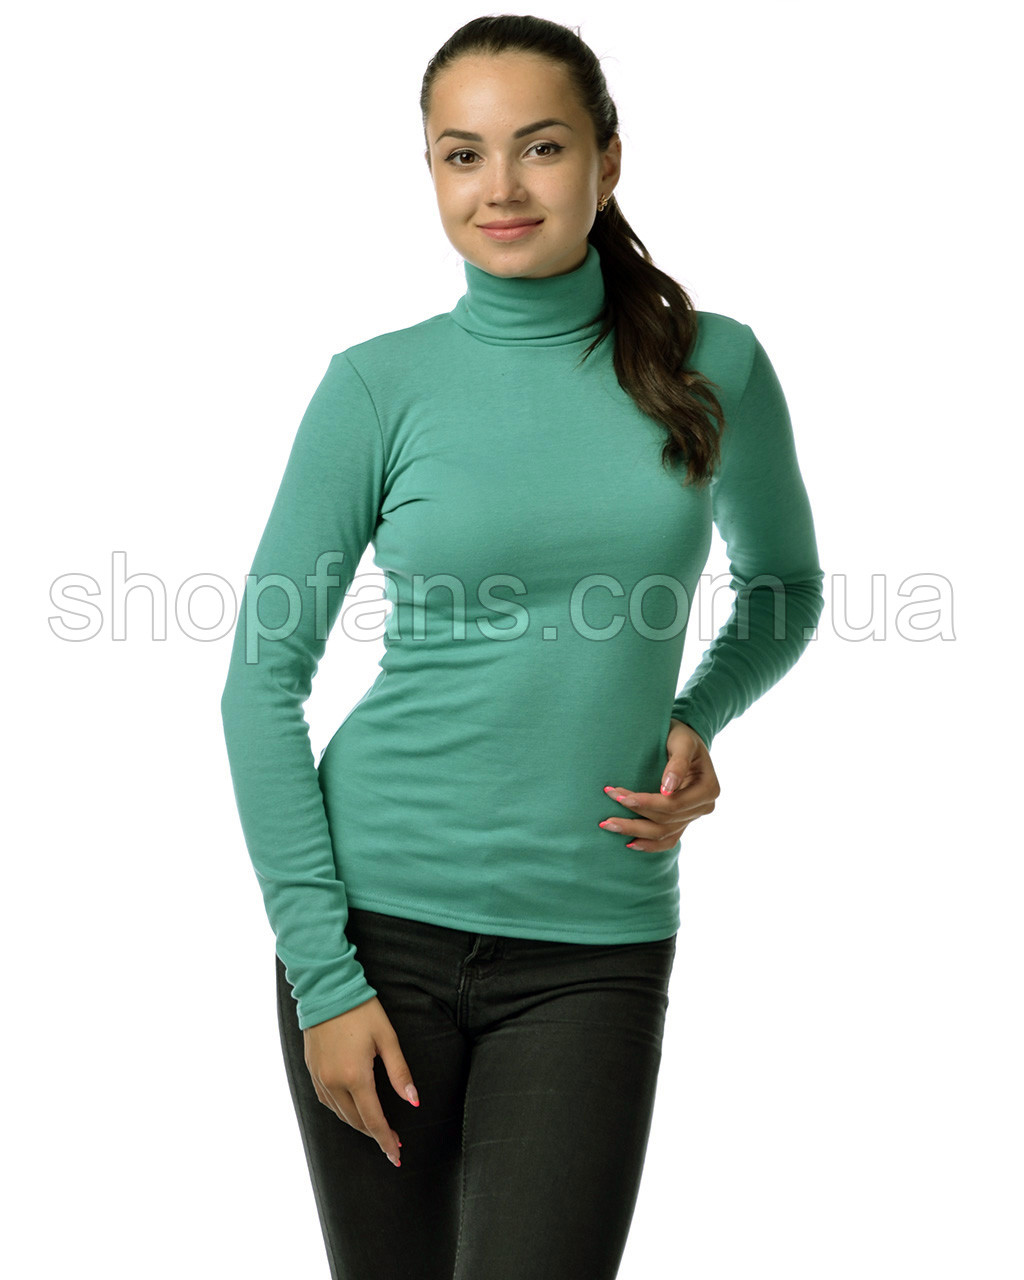 Водолазка гольф женский из полушерсти на флисе